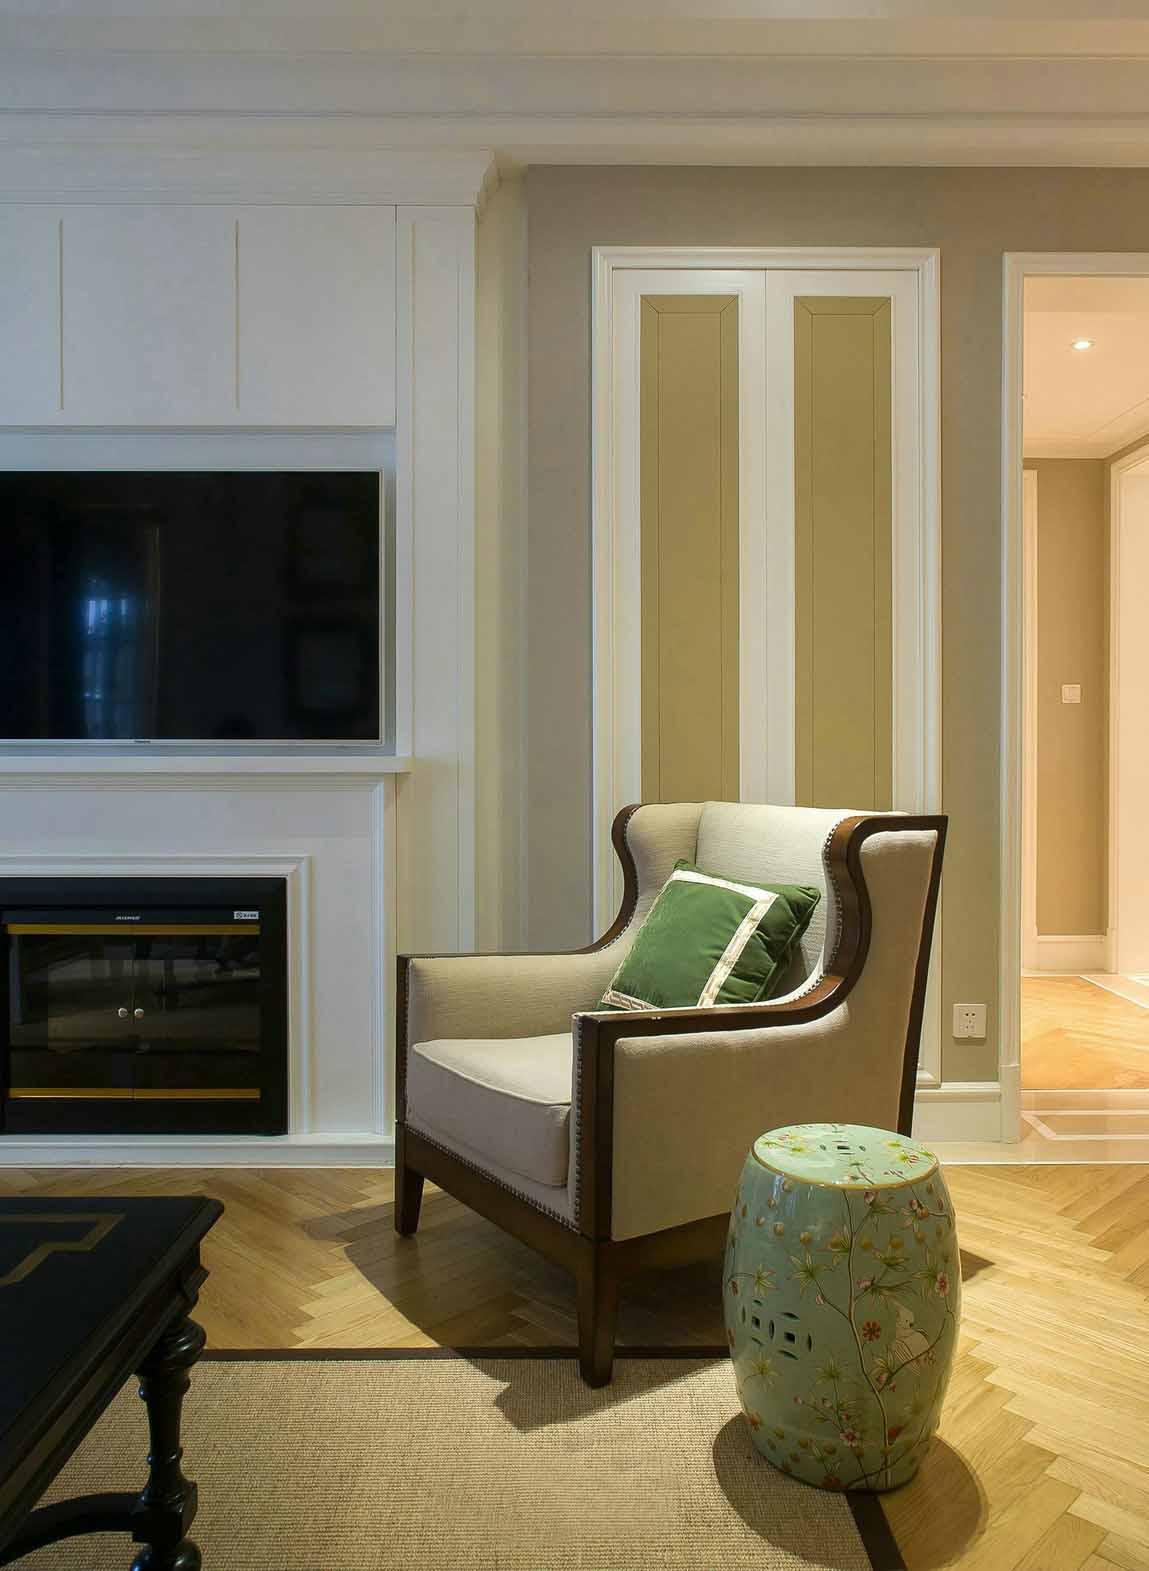 舒适简约美式室内沙发装修图片